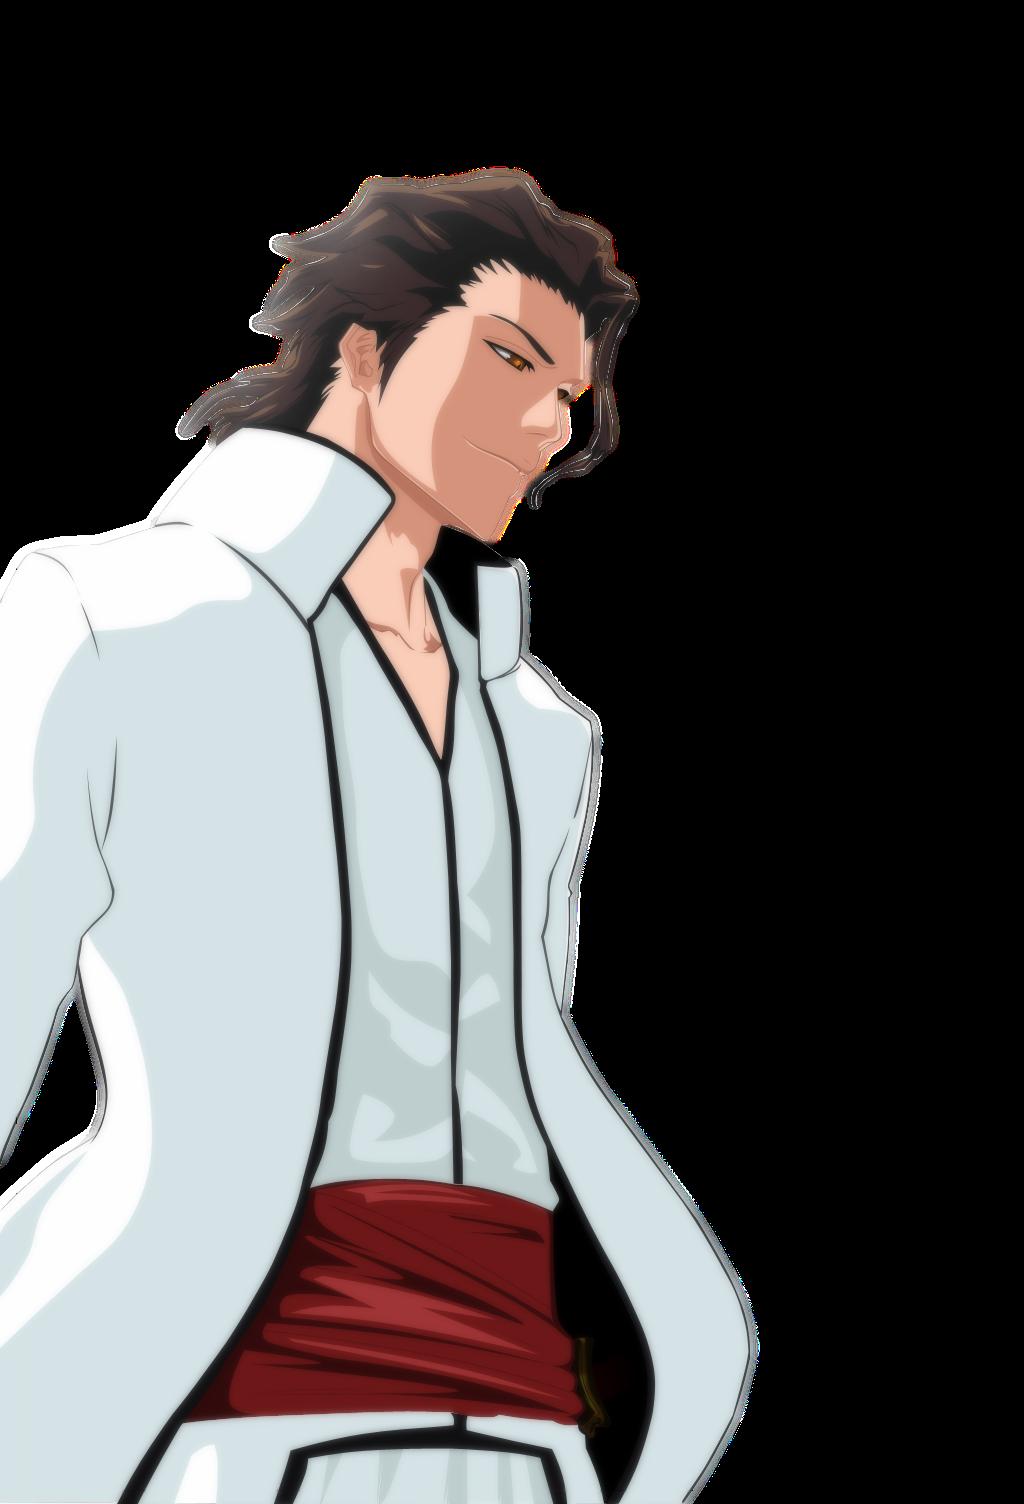 [Bleach] Top 5-  Personagens com melhor design  Aizensousukebytrucolorzsj7